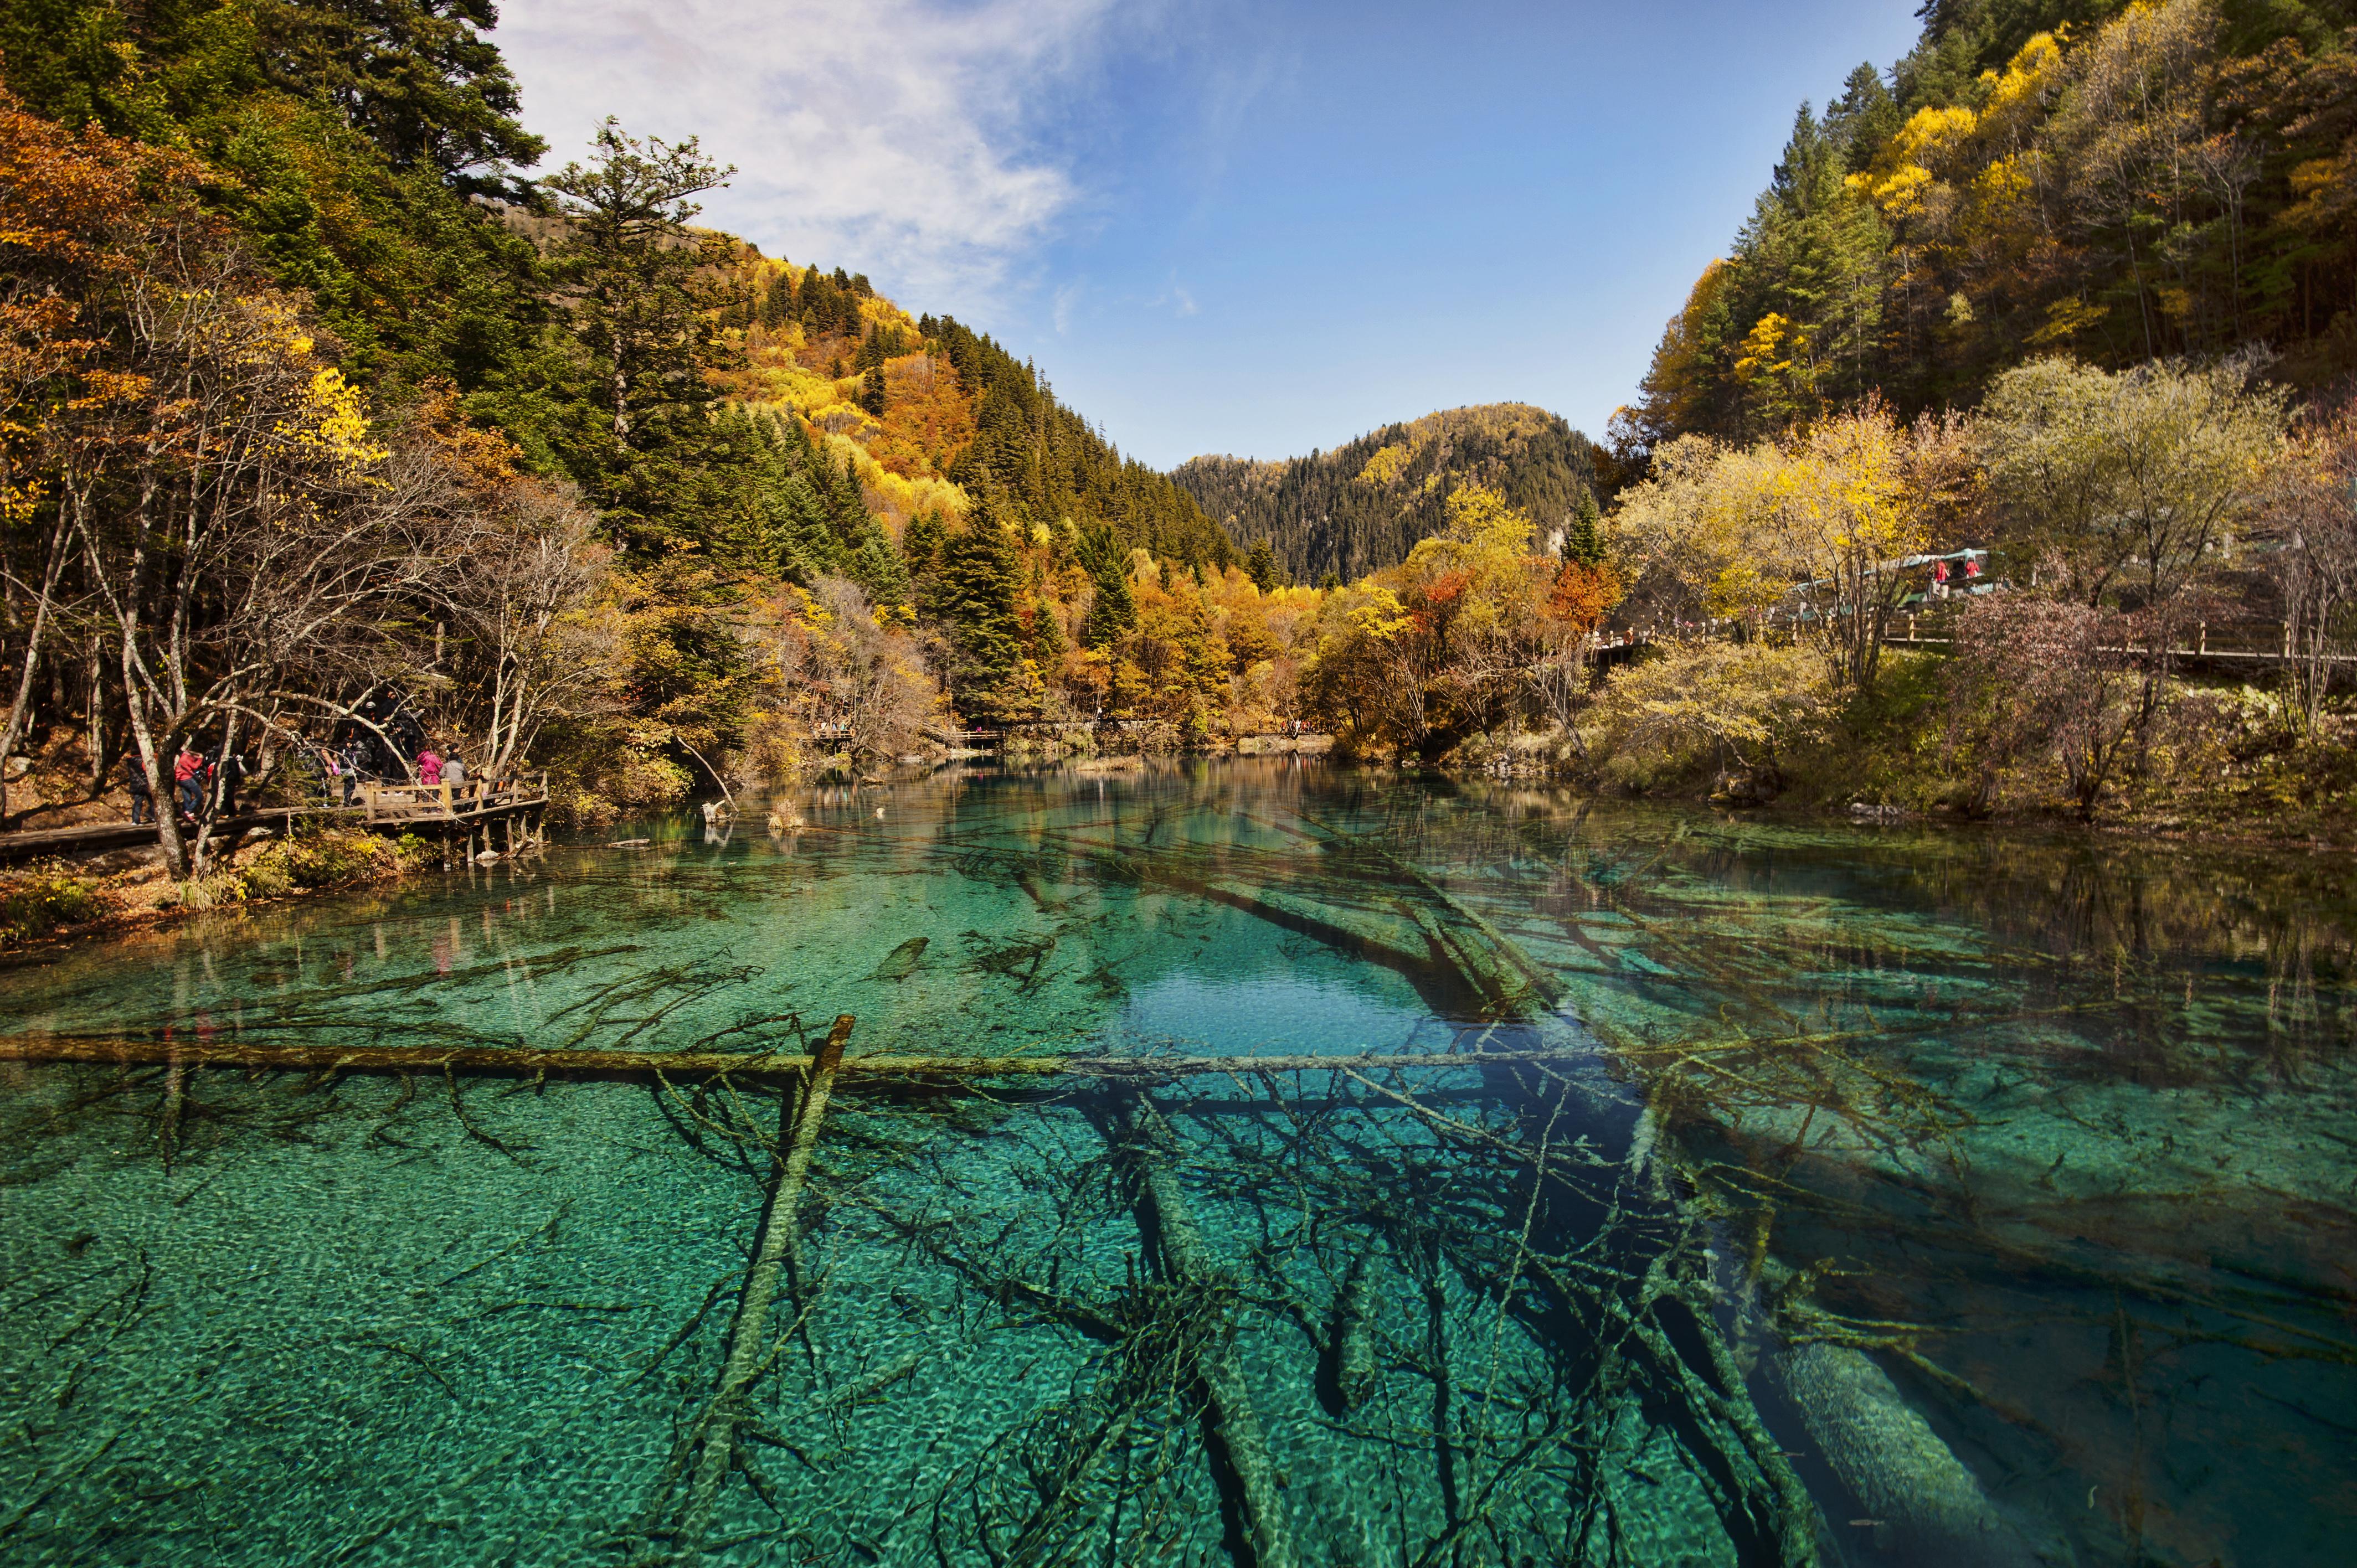 http://en.academic.ru/pictures/enwiki/49/1_jiuzhaigou_valley_wu_hua_hai_2011b.jpg